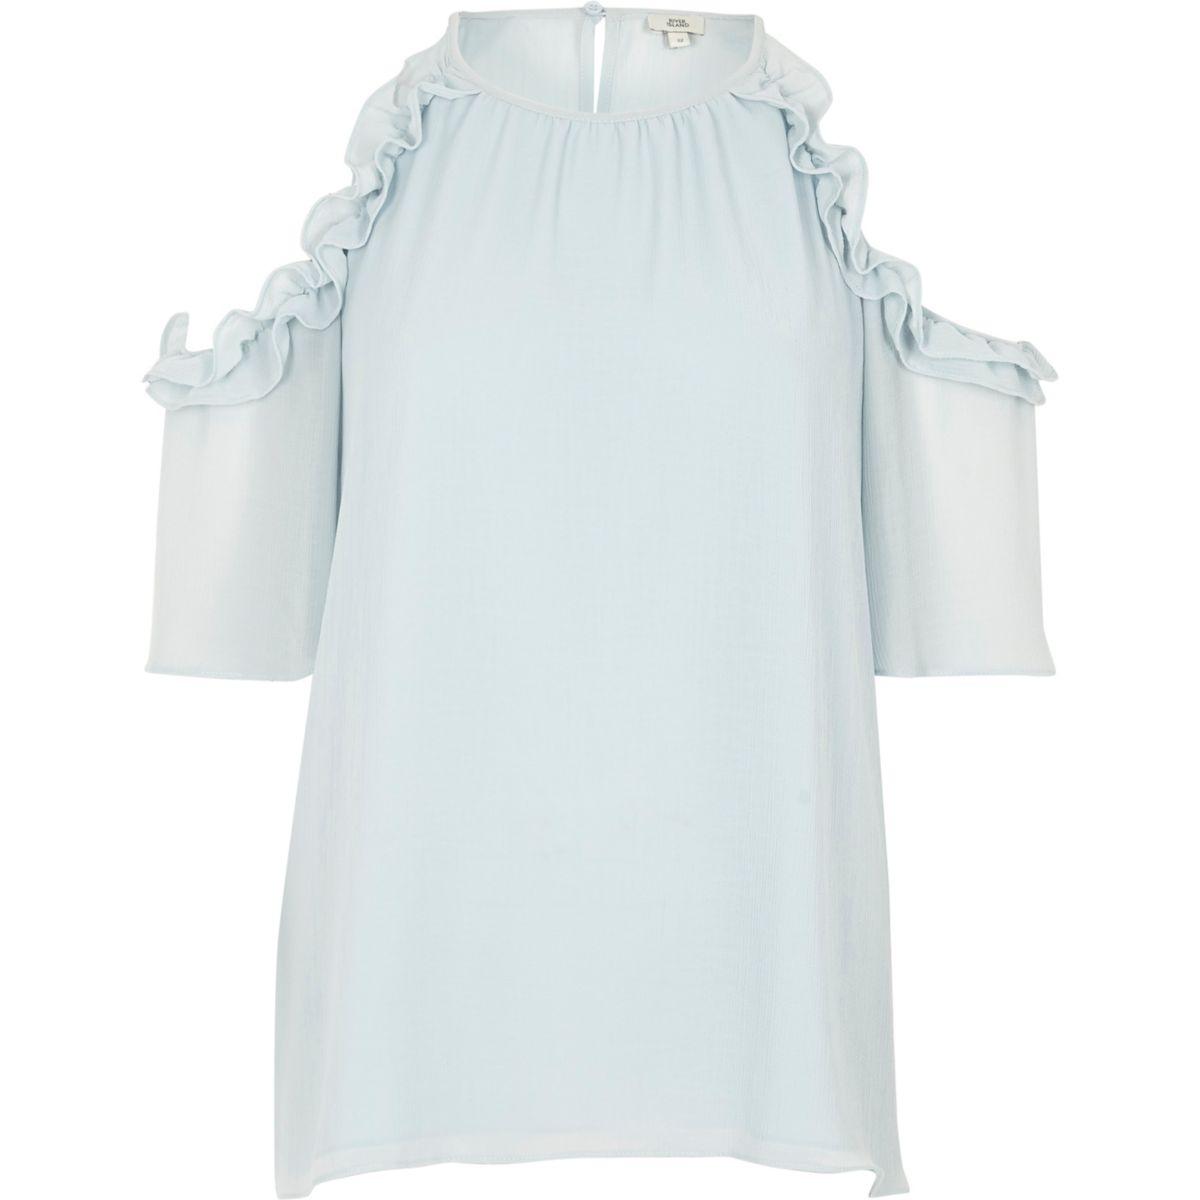 Light blue frill cold shoulder blouse